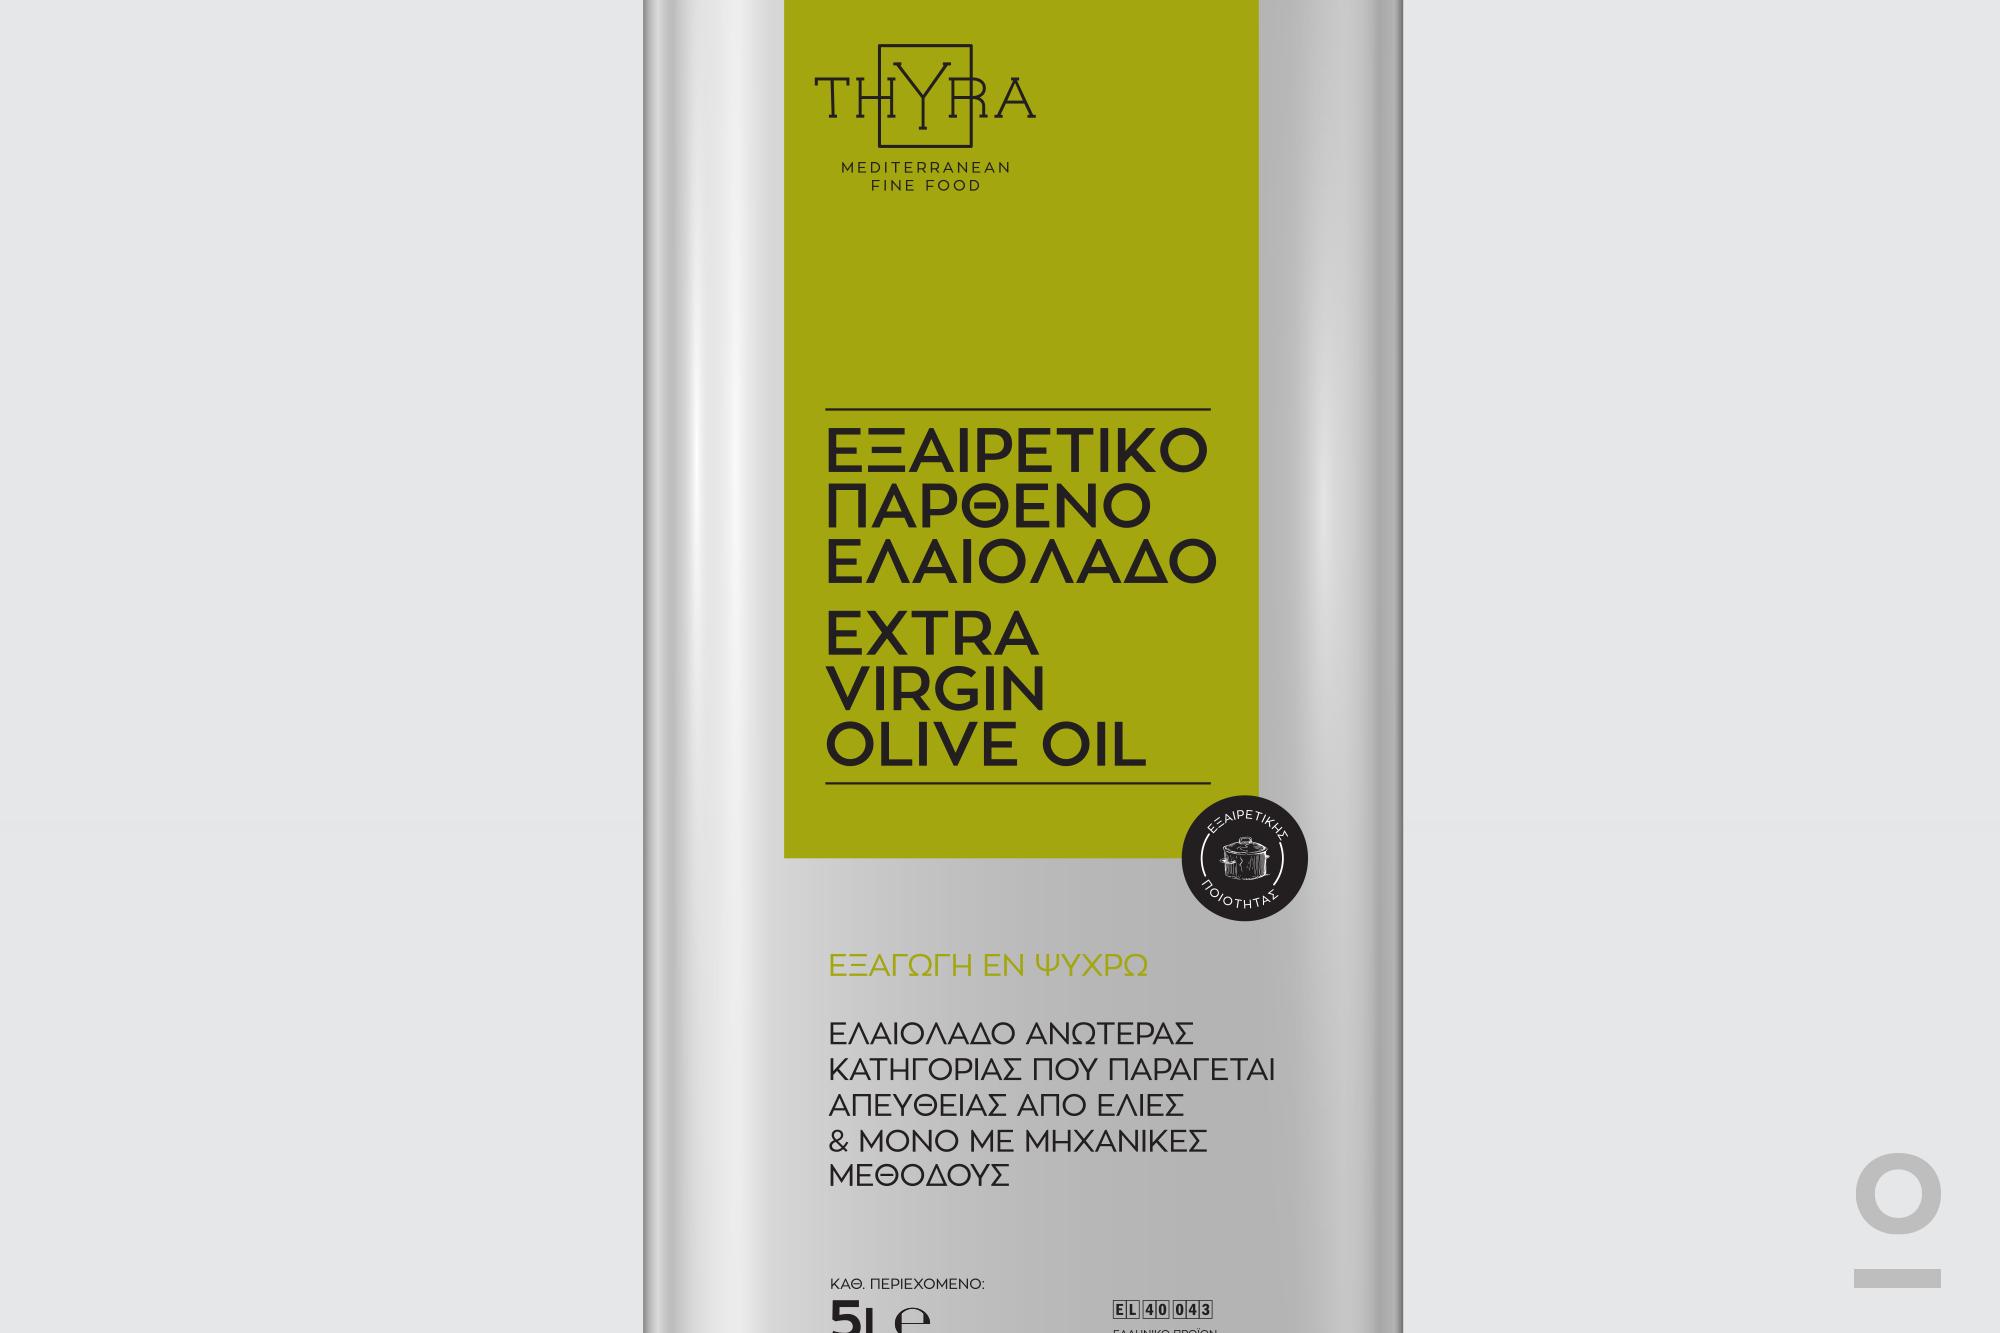 thyra_branding_06